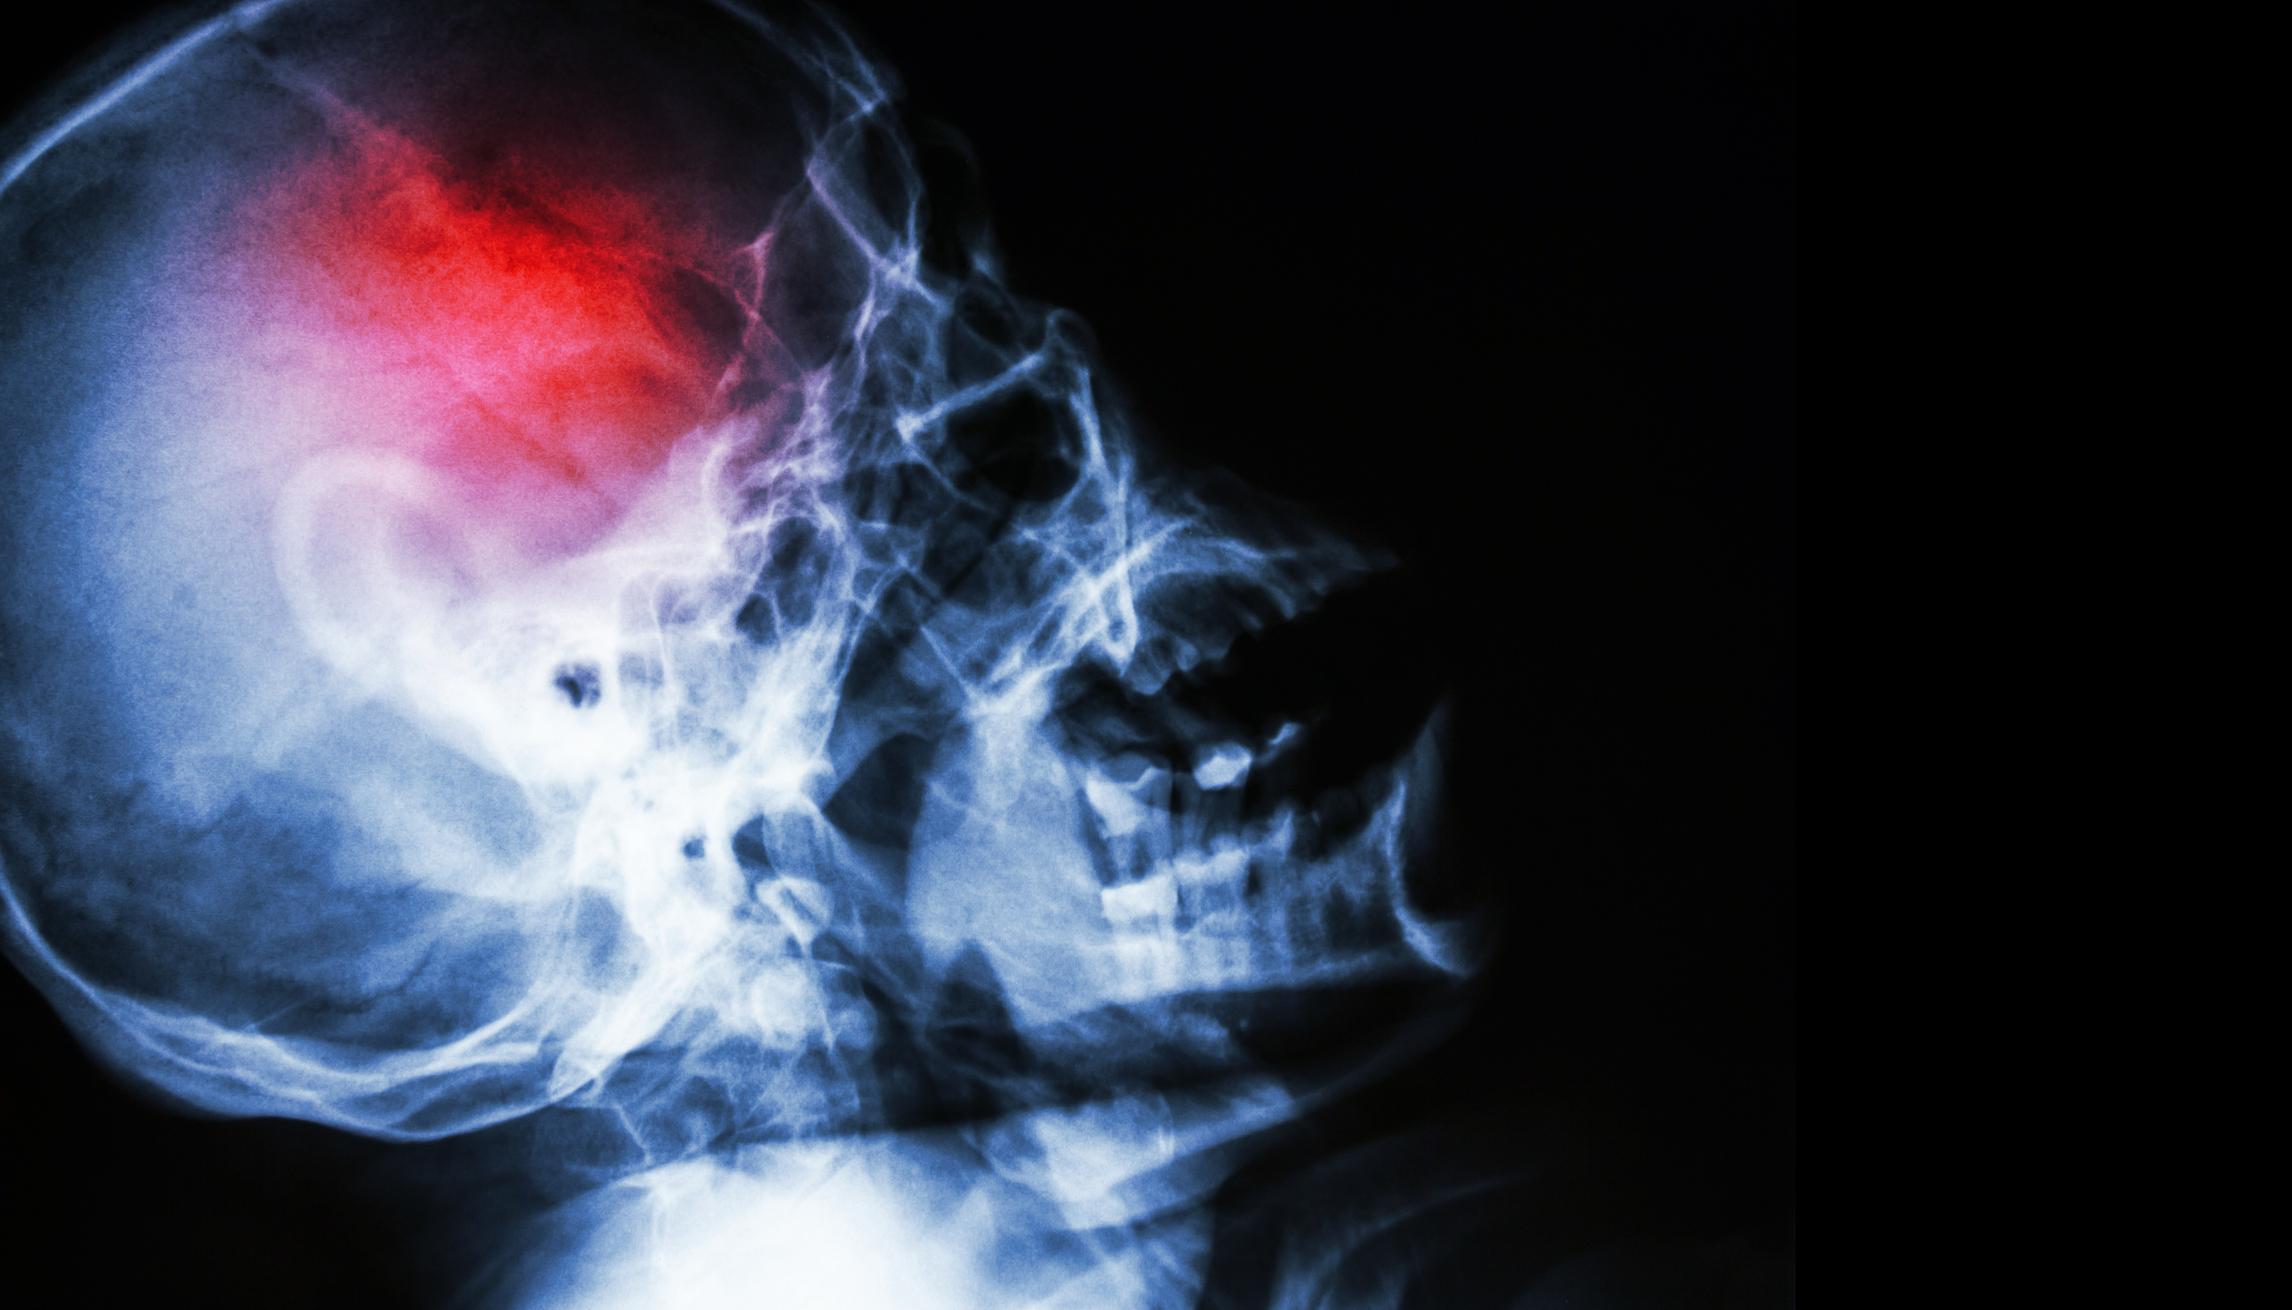 látássérült zsibbadás fenntartó gyógyszerek a látáshoz